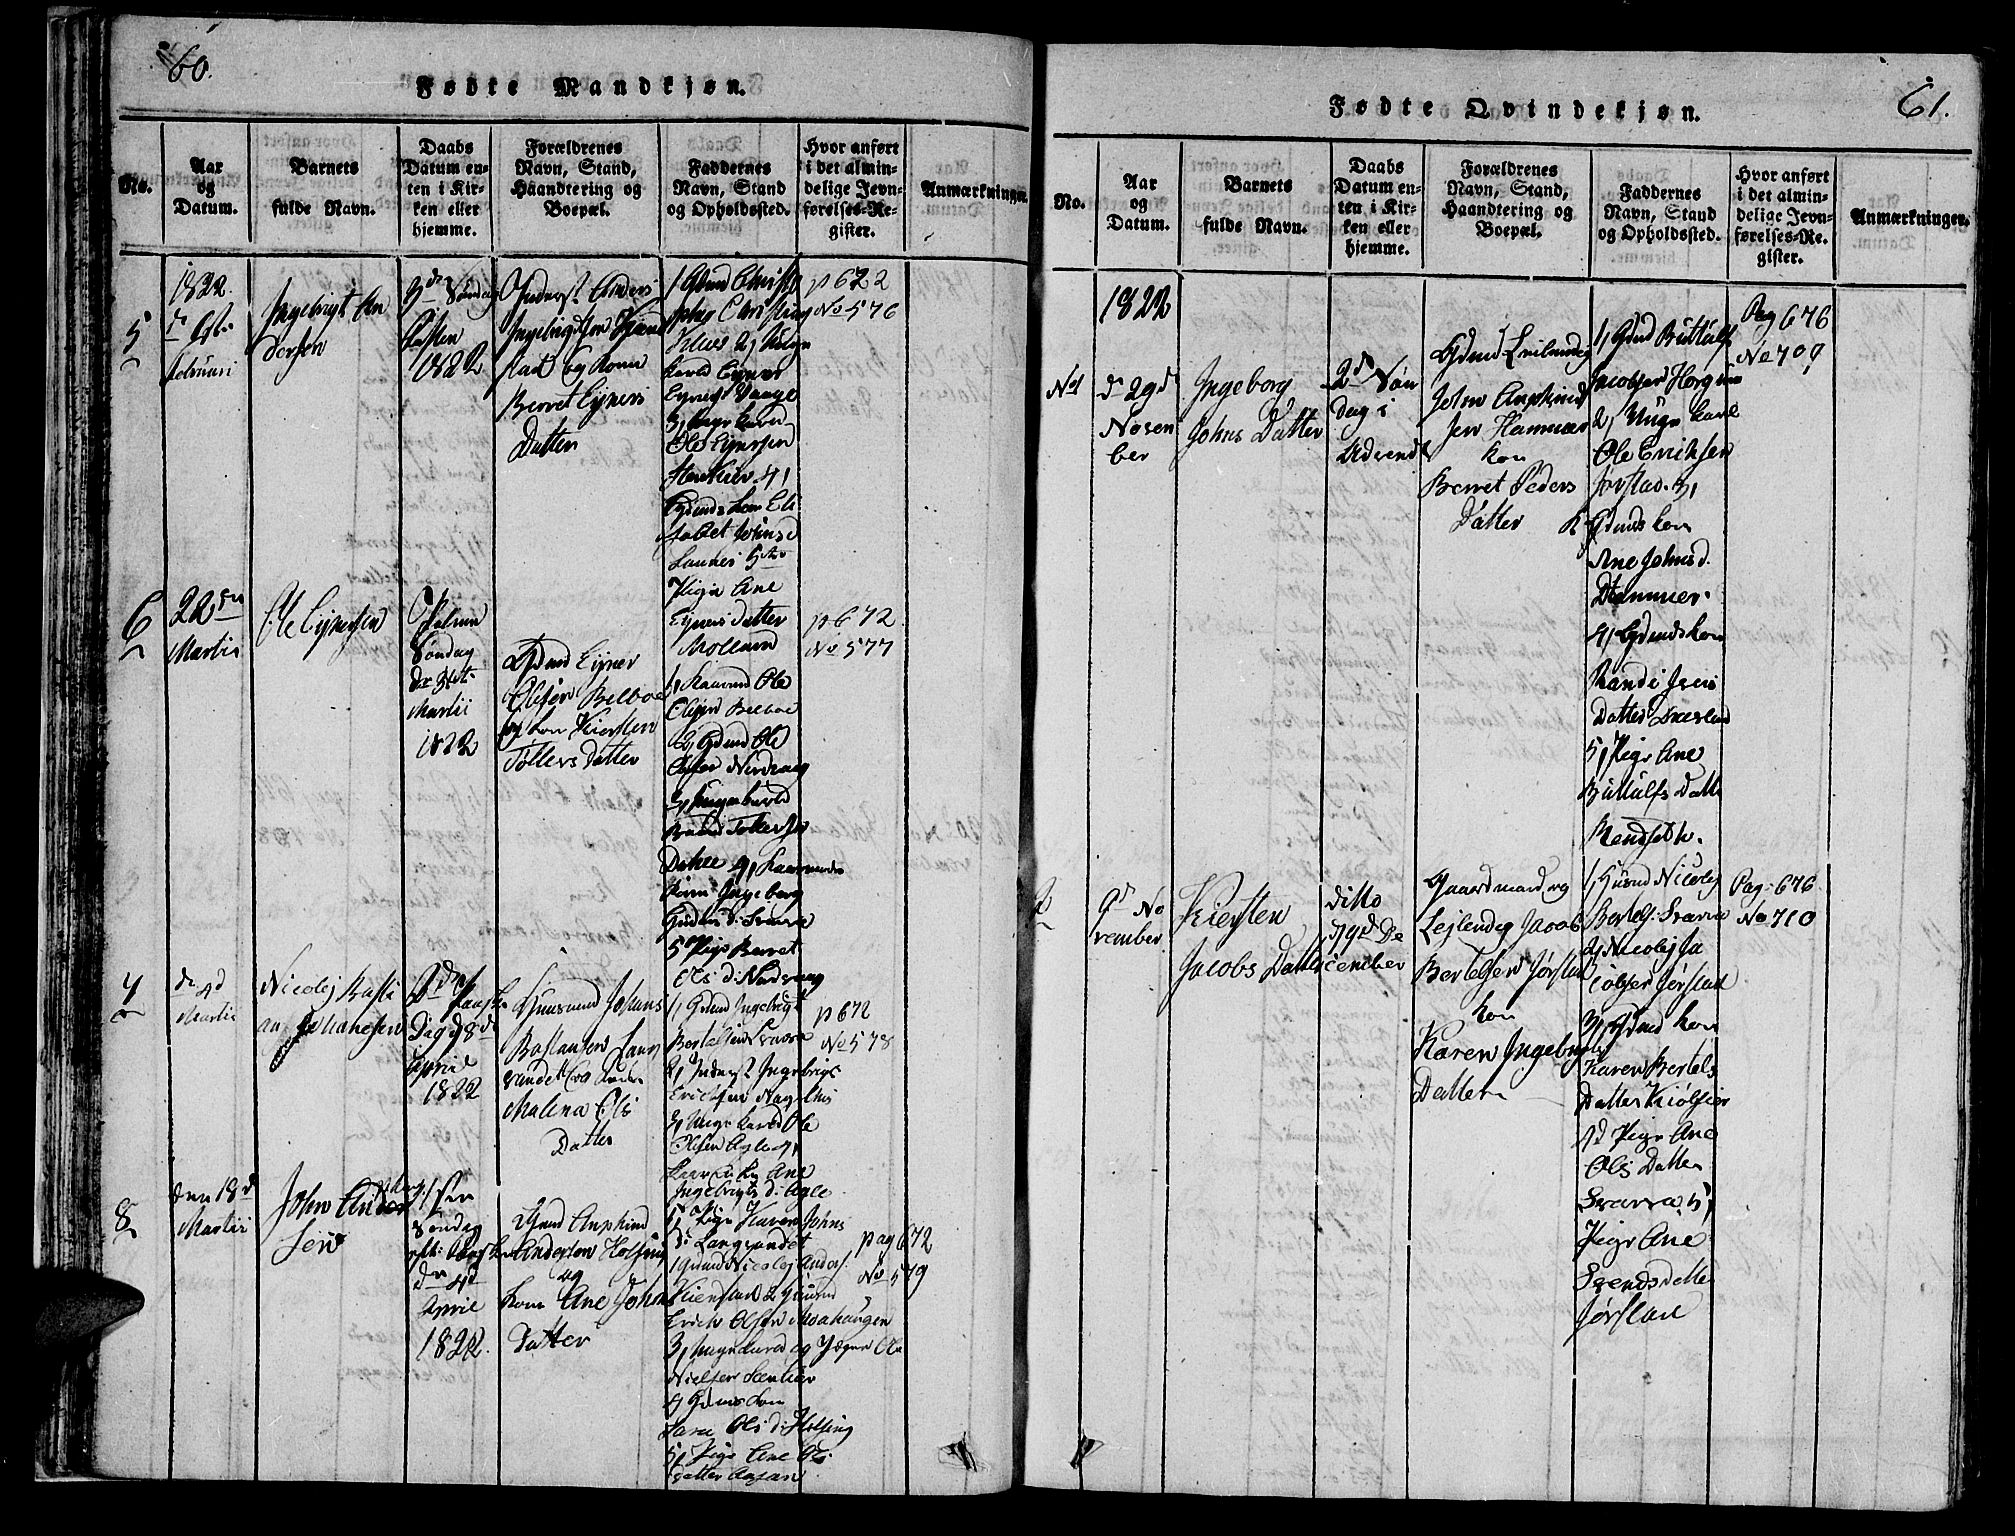 SAT, Ministerialprotokoller, klokkerbøker og fødselsregistre - Nord-Trøndelag, 749/L0479: Klokkerbok nr. 749C01, 1817-1829, s. 60-61